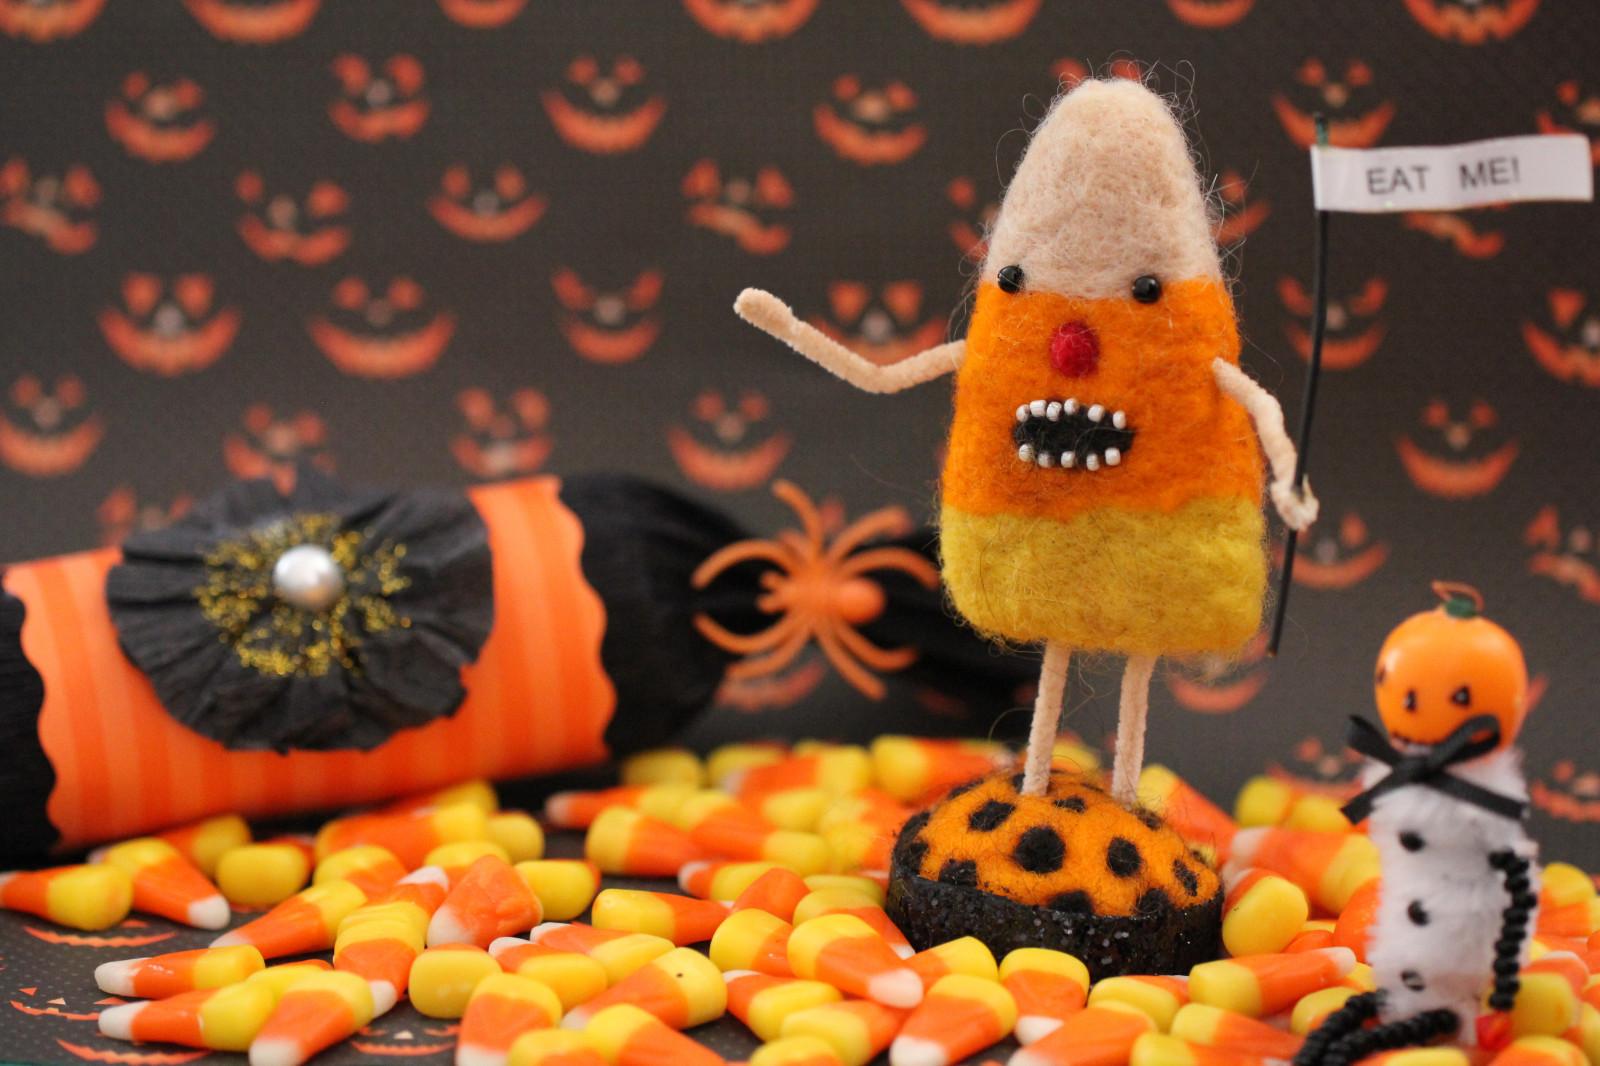 Hintergrundbilder : Orange, Süße, Süßwaren, vegetarisches Essen ...